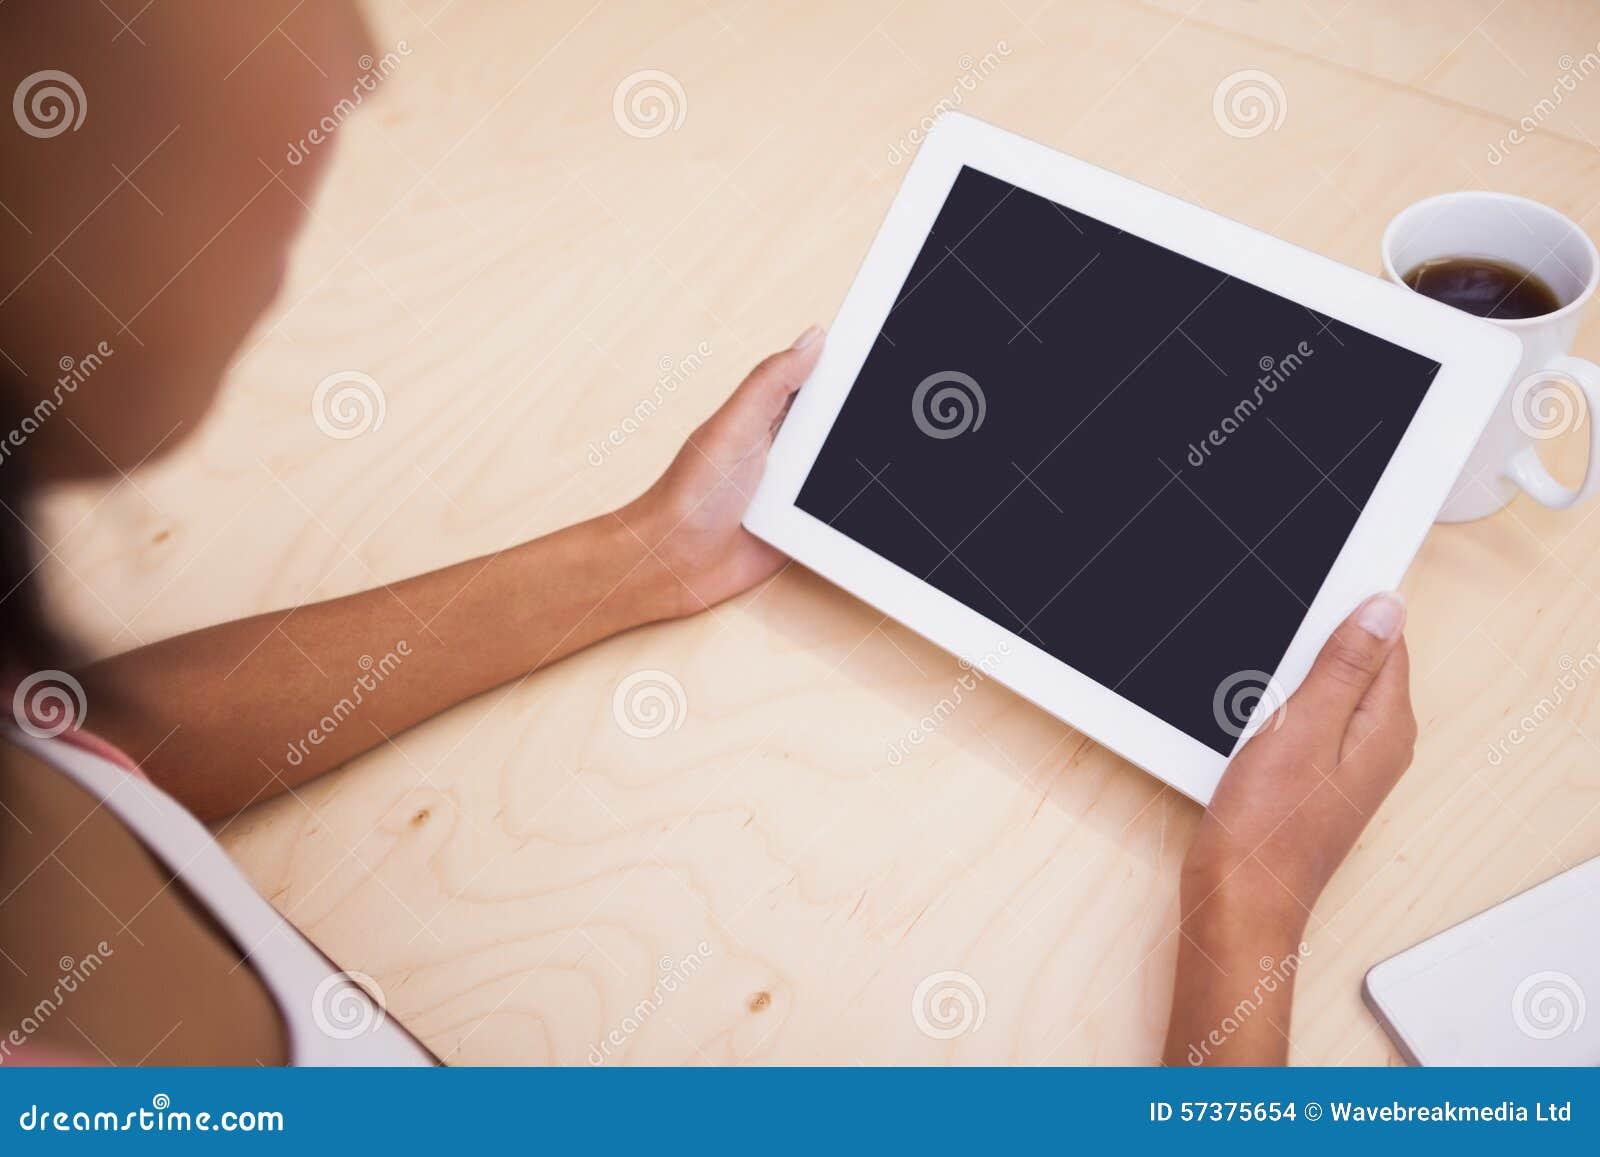 Sluit omhoog van een tabletpc en een mok koffie